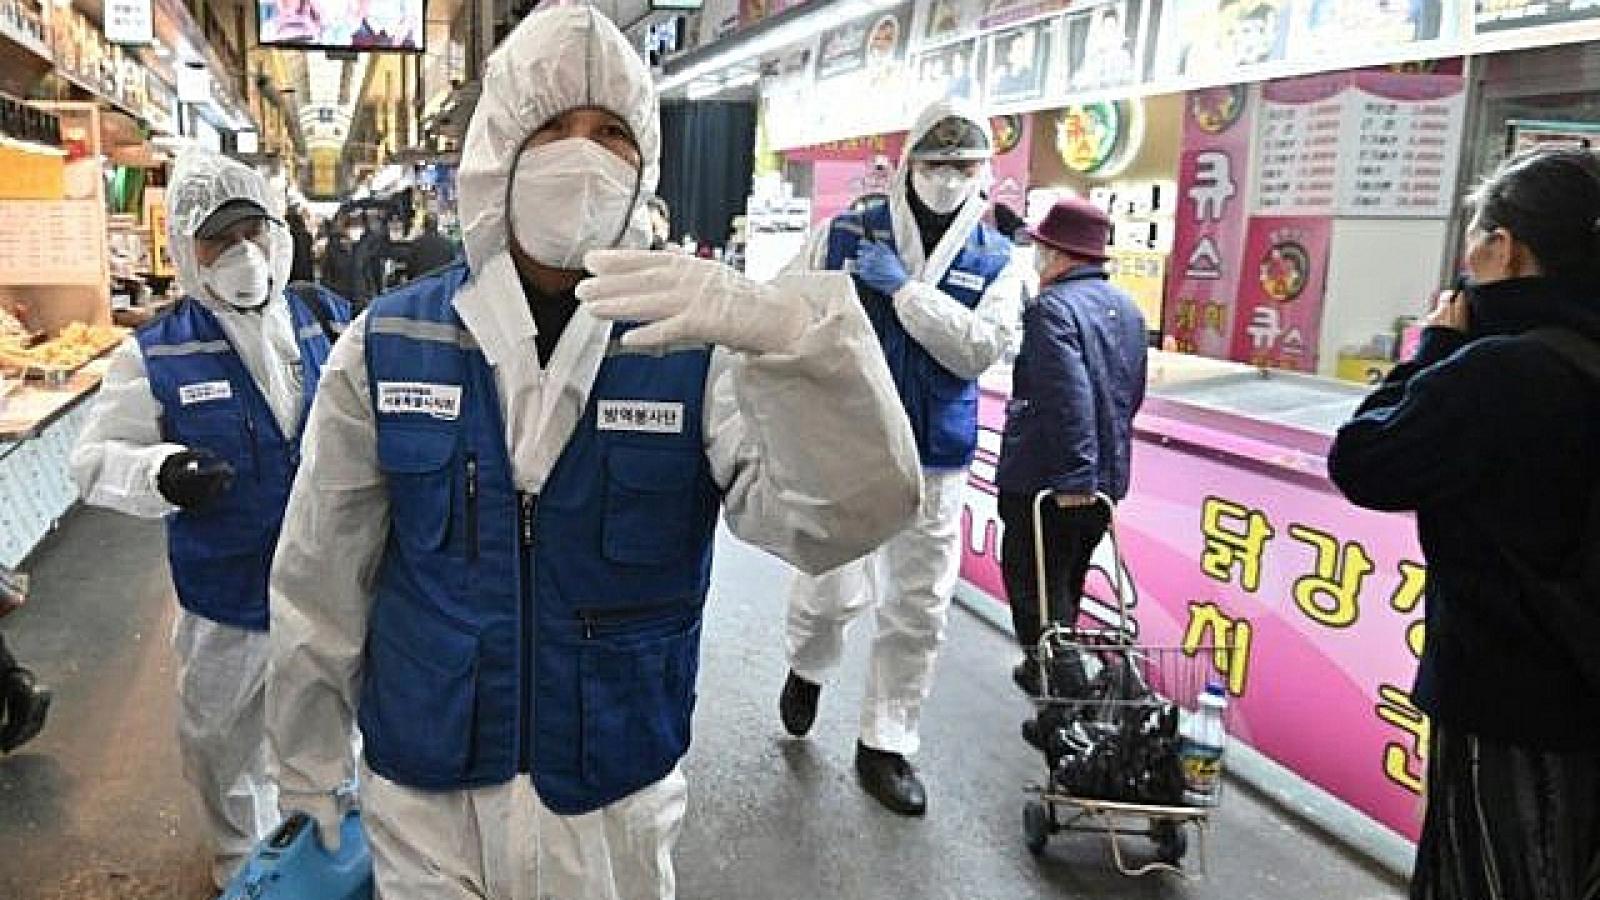 Số người mắc Covid-19 tại Hàn Quốc giảm còn 2 con số